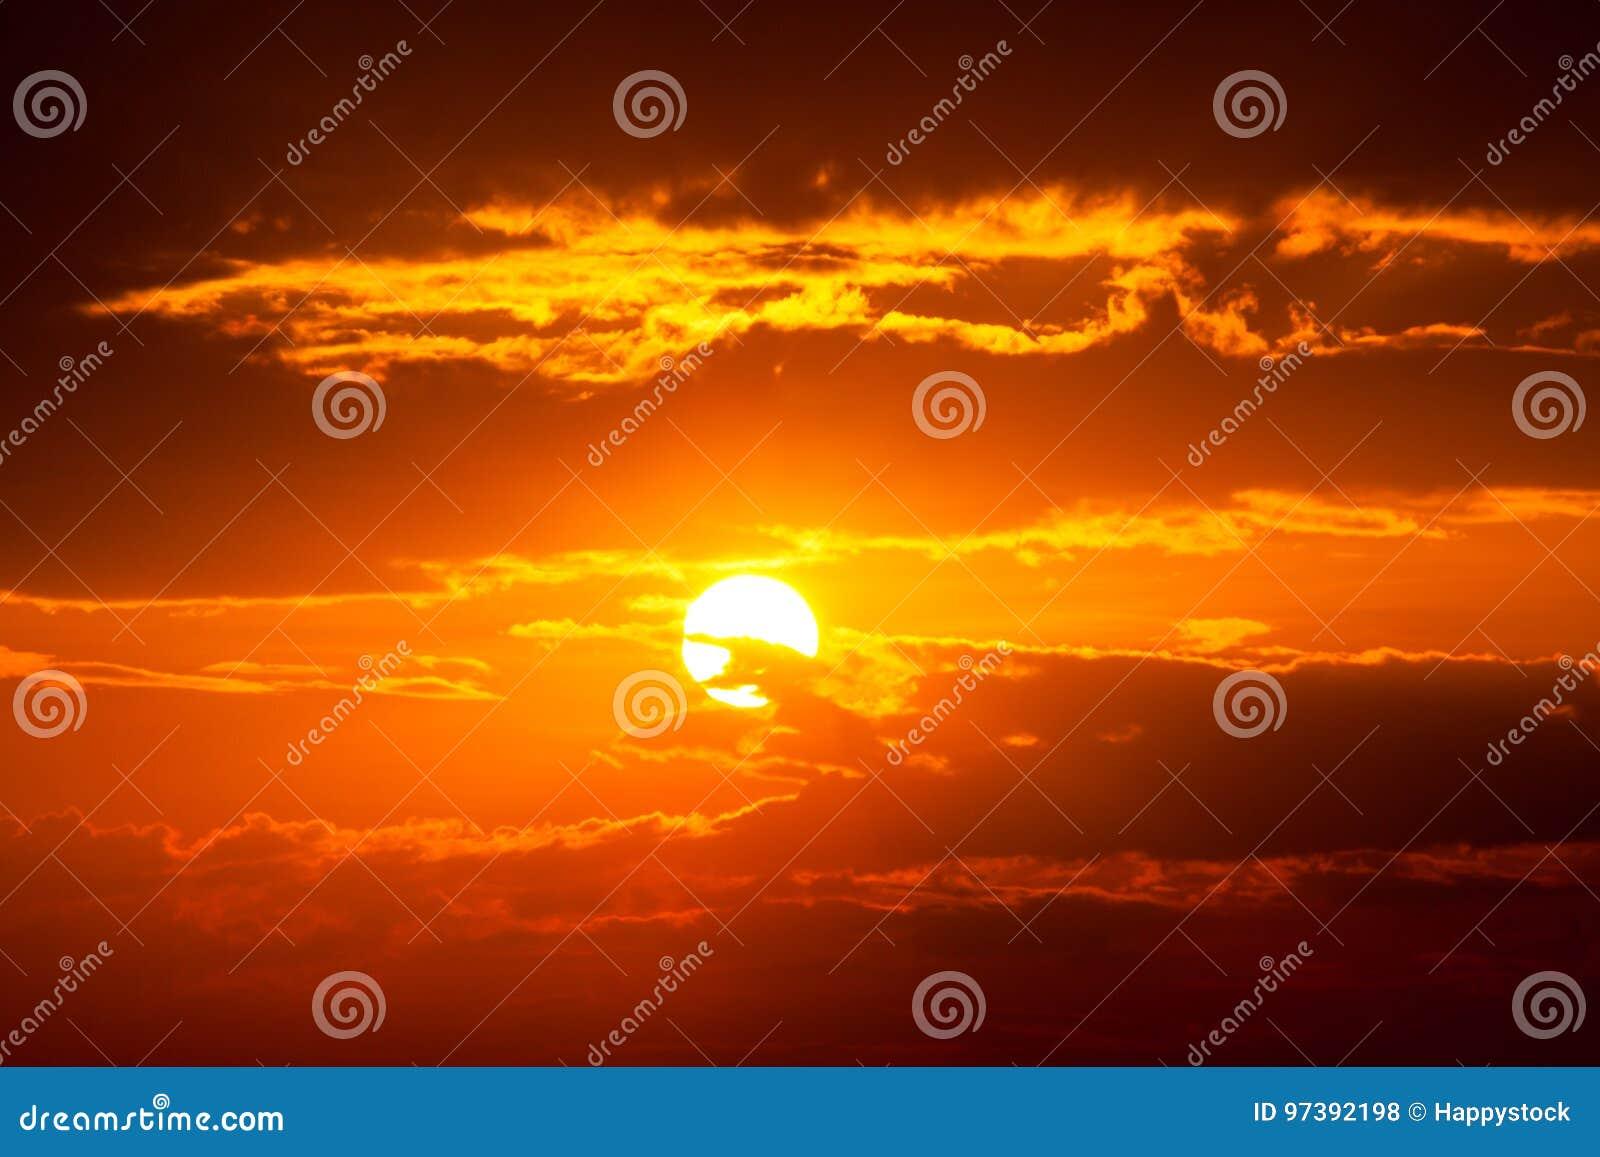 太阳光芒是下来和惊人的剧烈的橙色云彩,微明